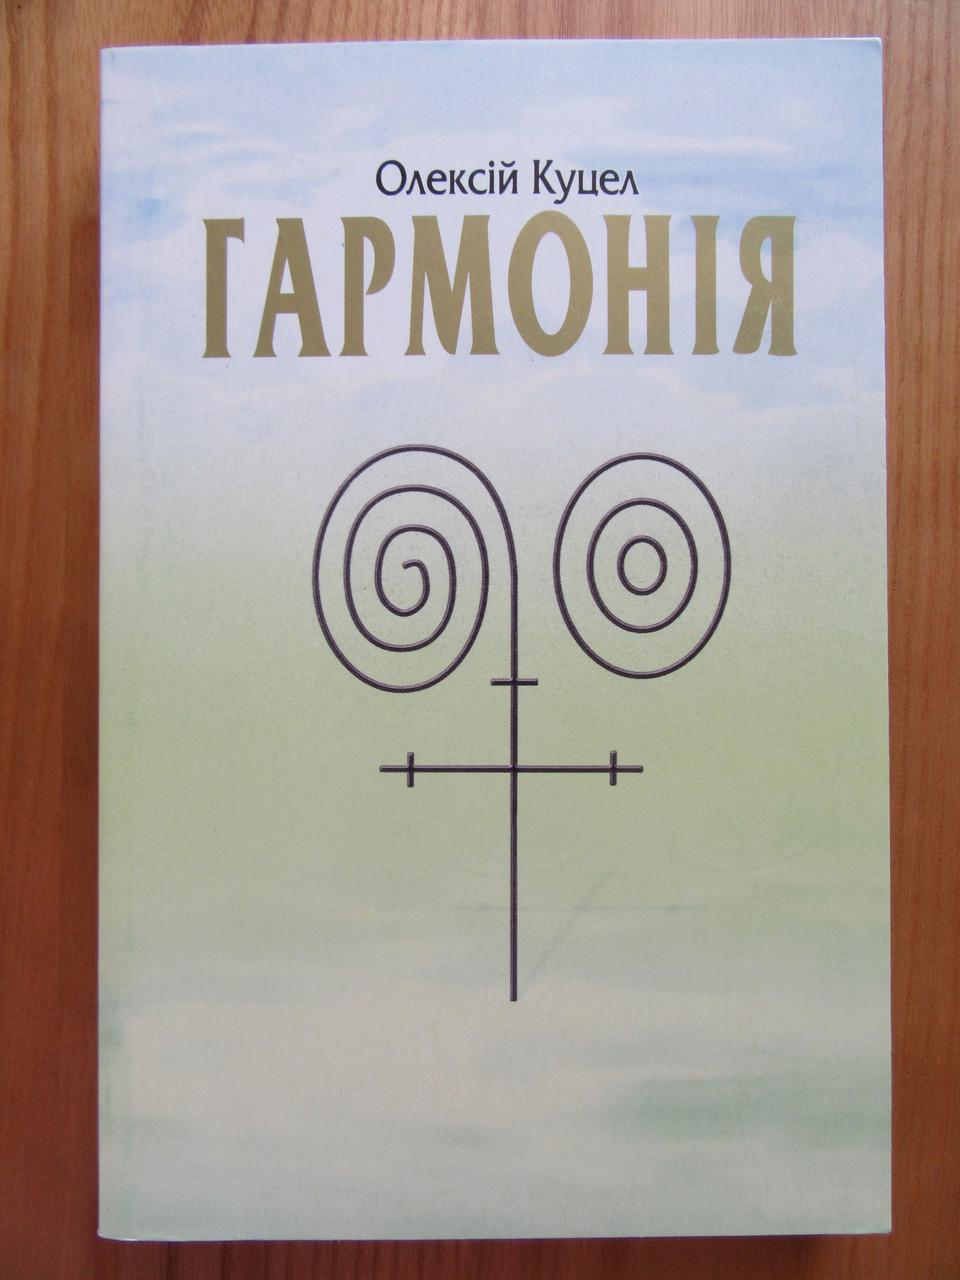 Олексiй Куцел. Гармонiя